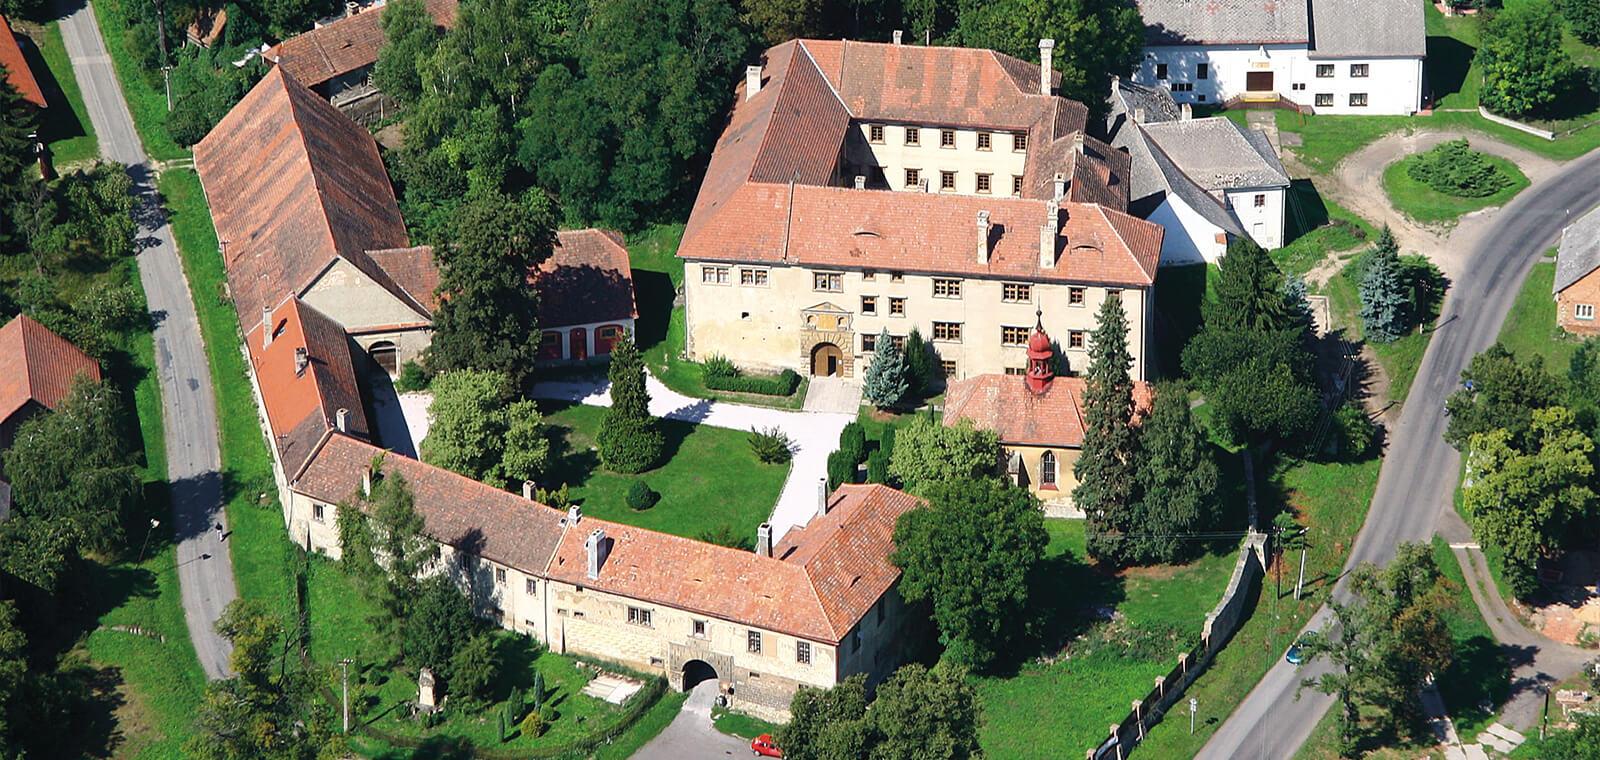 Stare-hrady-hrad-zamek-teaser.jpg